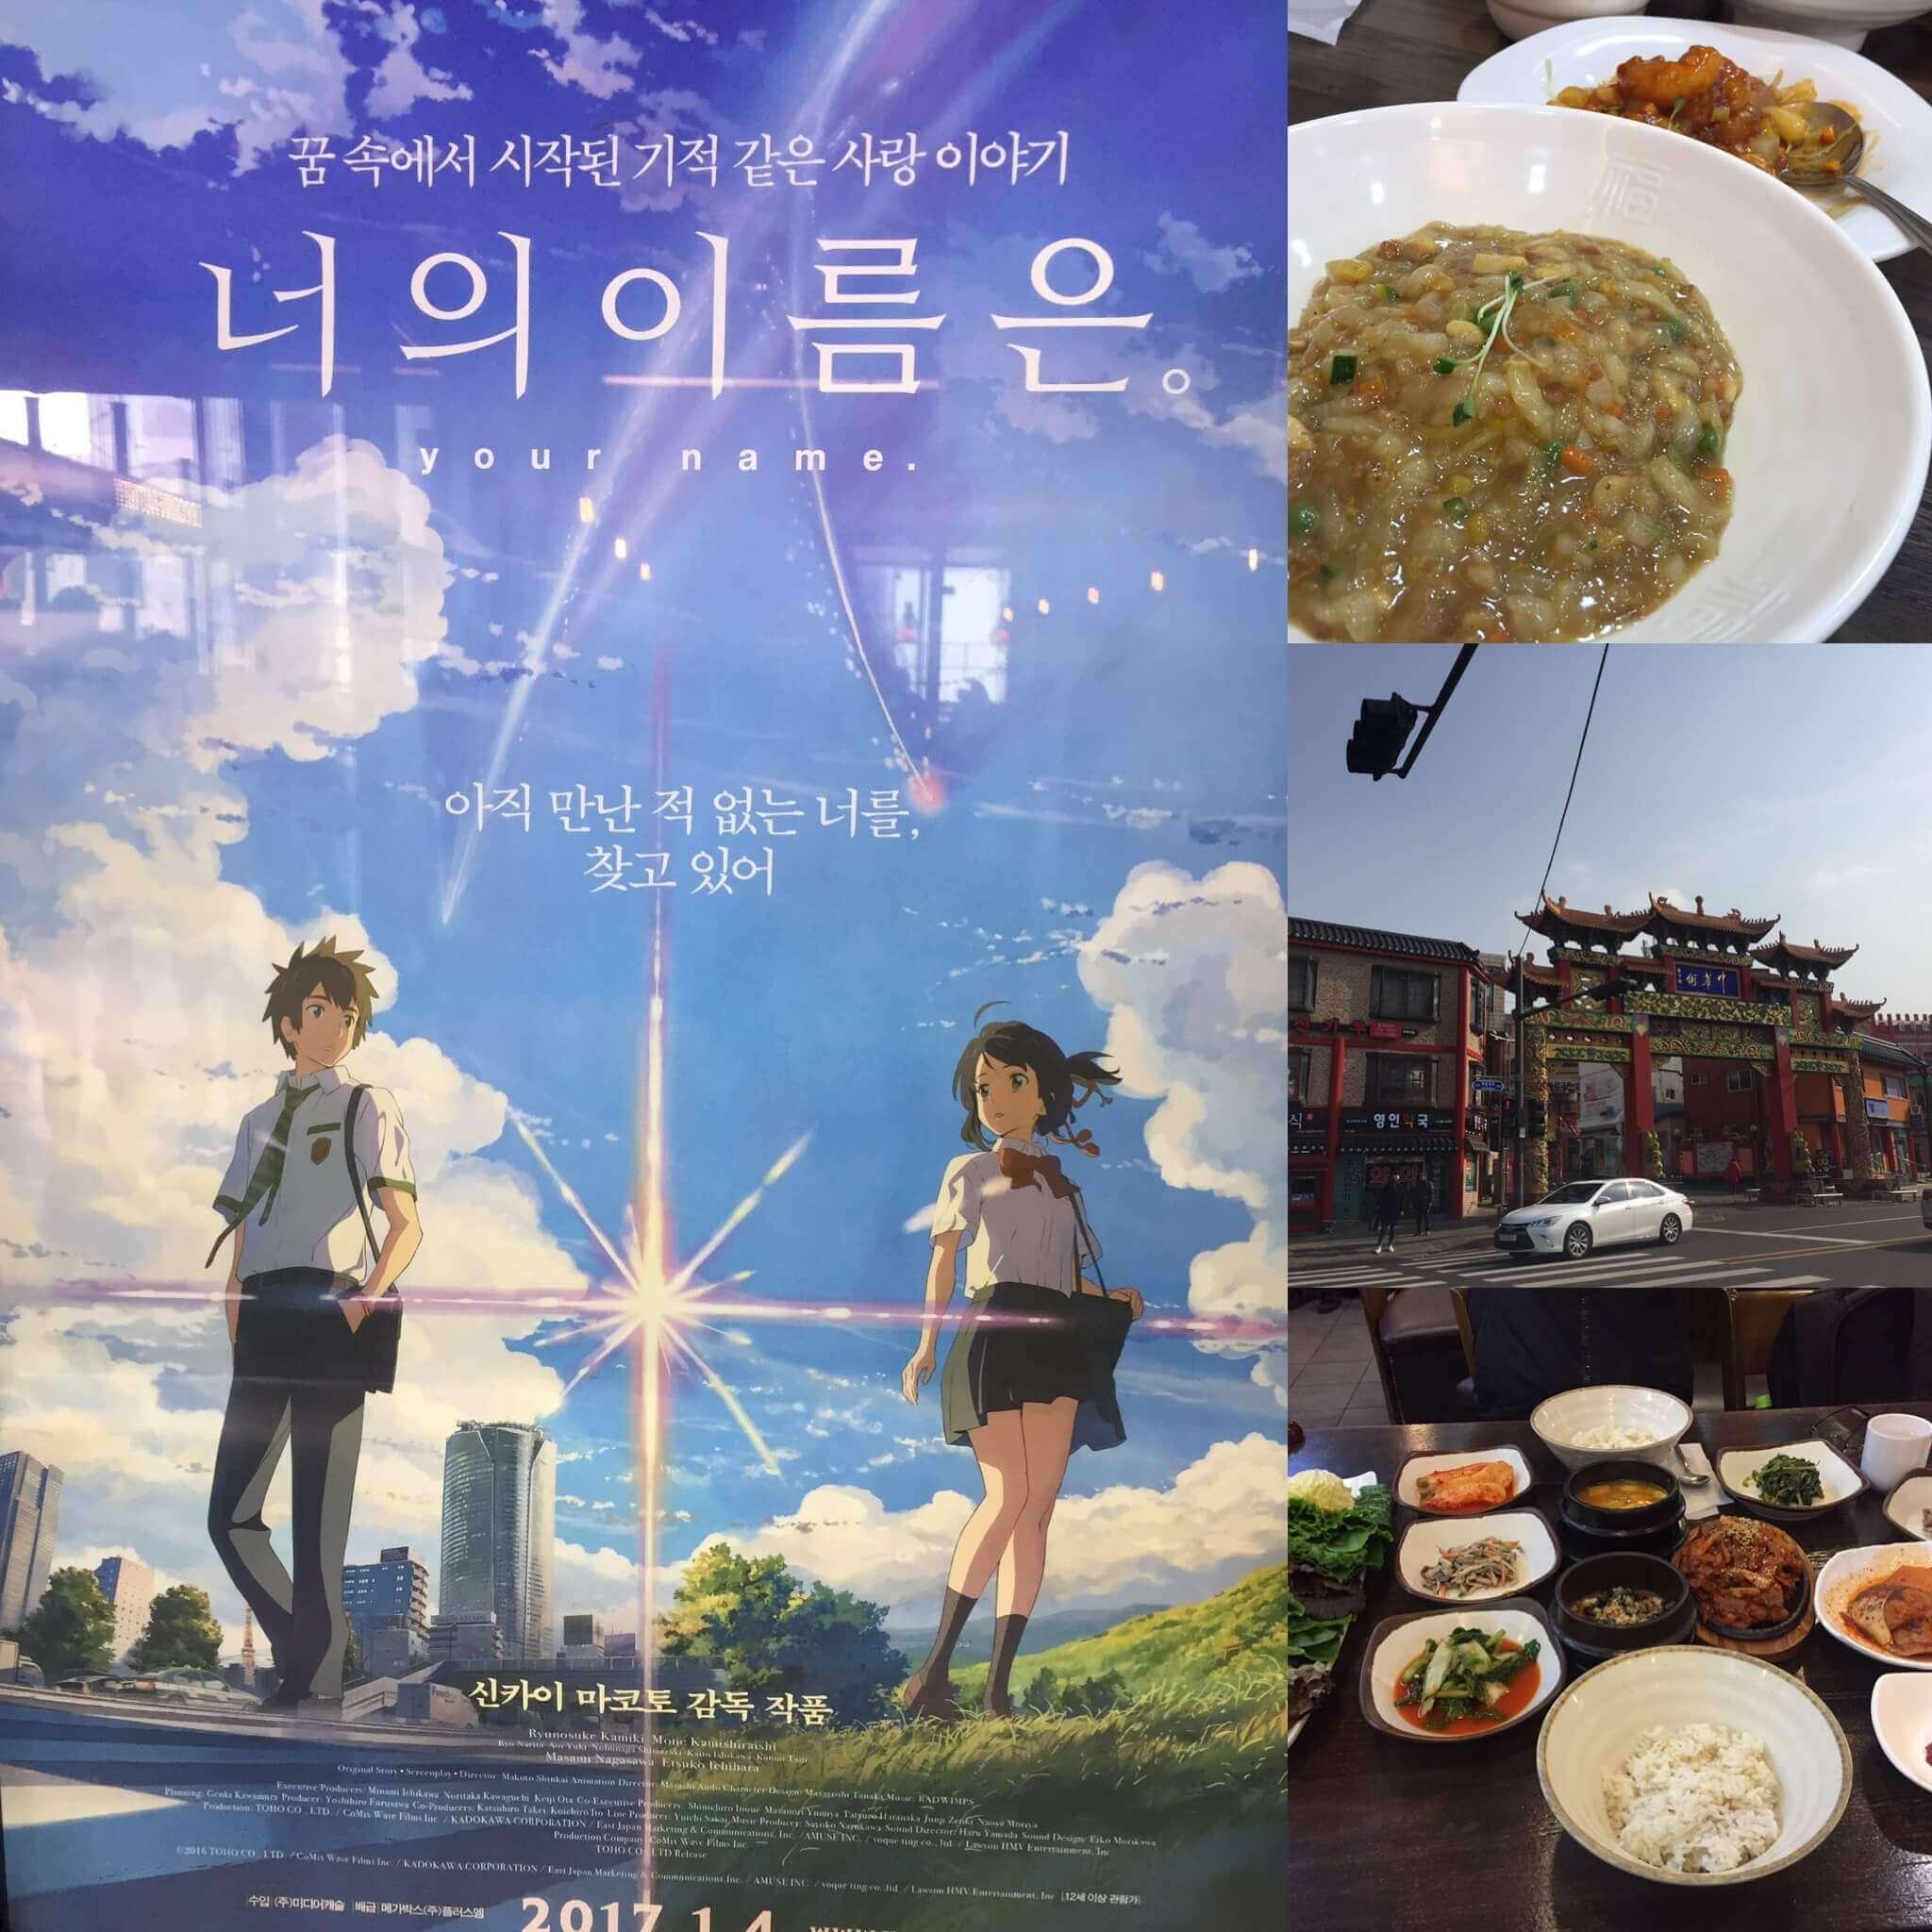 【韓国グルメ】仁川中華街で白いジャジャン麺を食べてみた&「君の名は」を見に行った話。